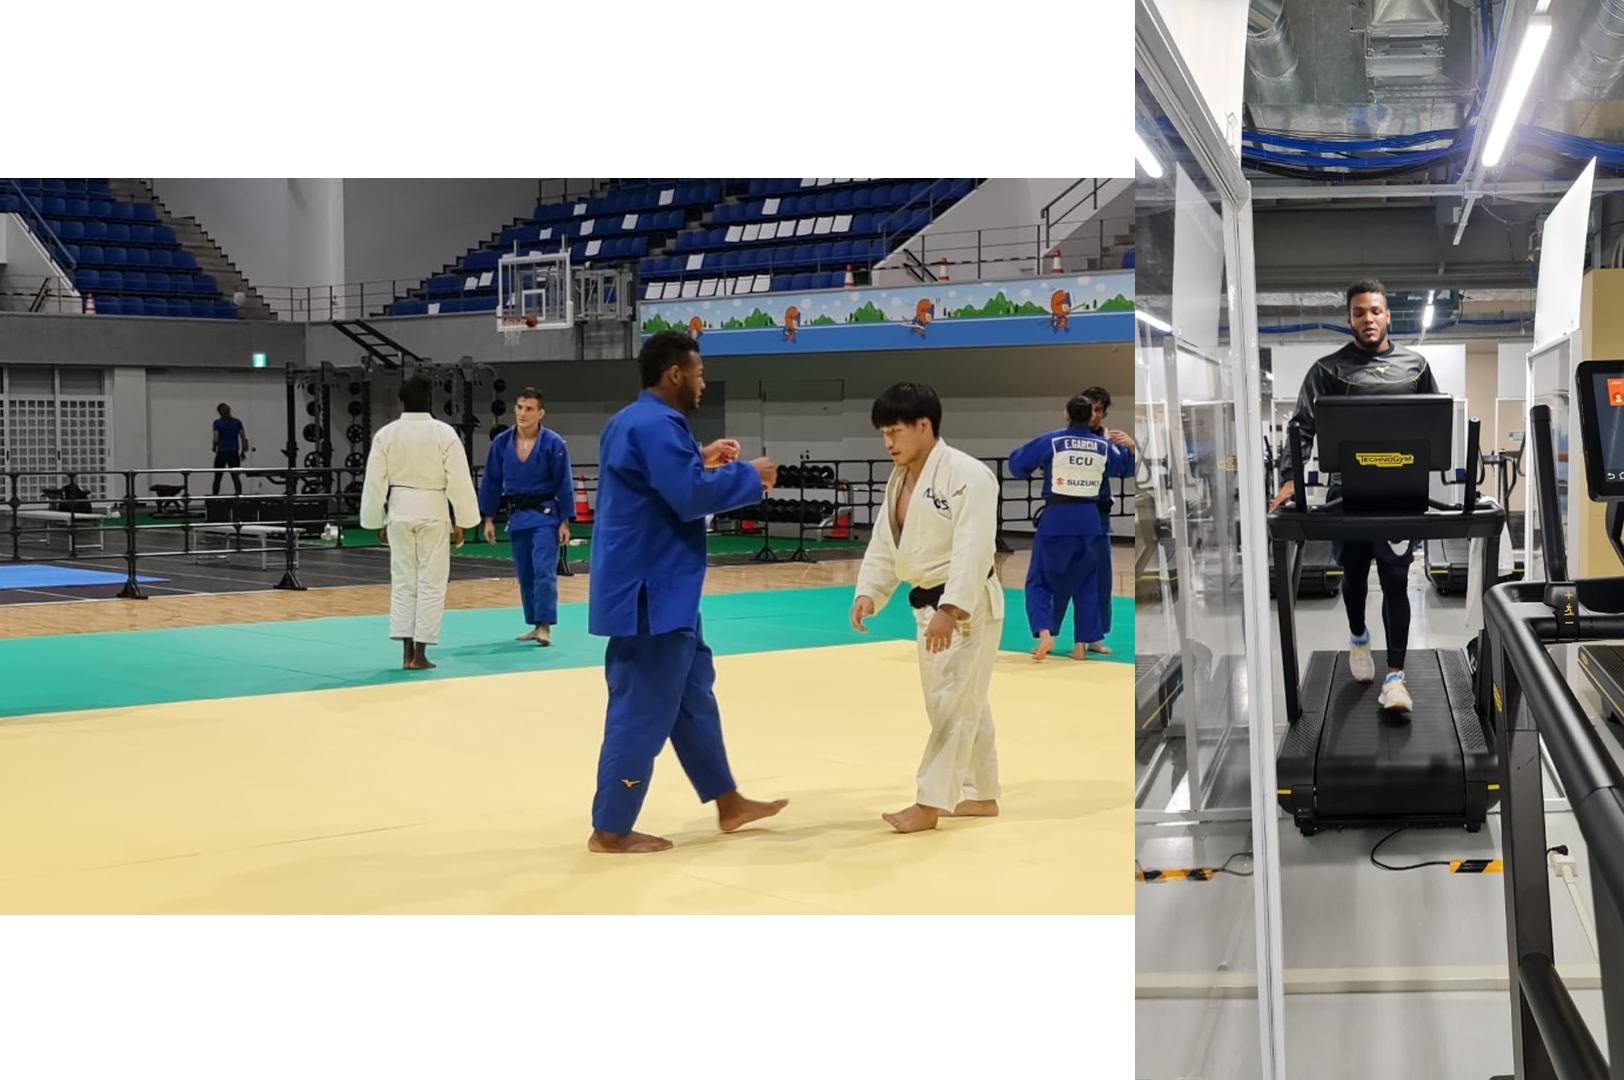 El judoca Robert Florentino, en una sesión de entrenamiento en Japón.